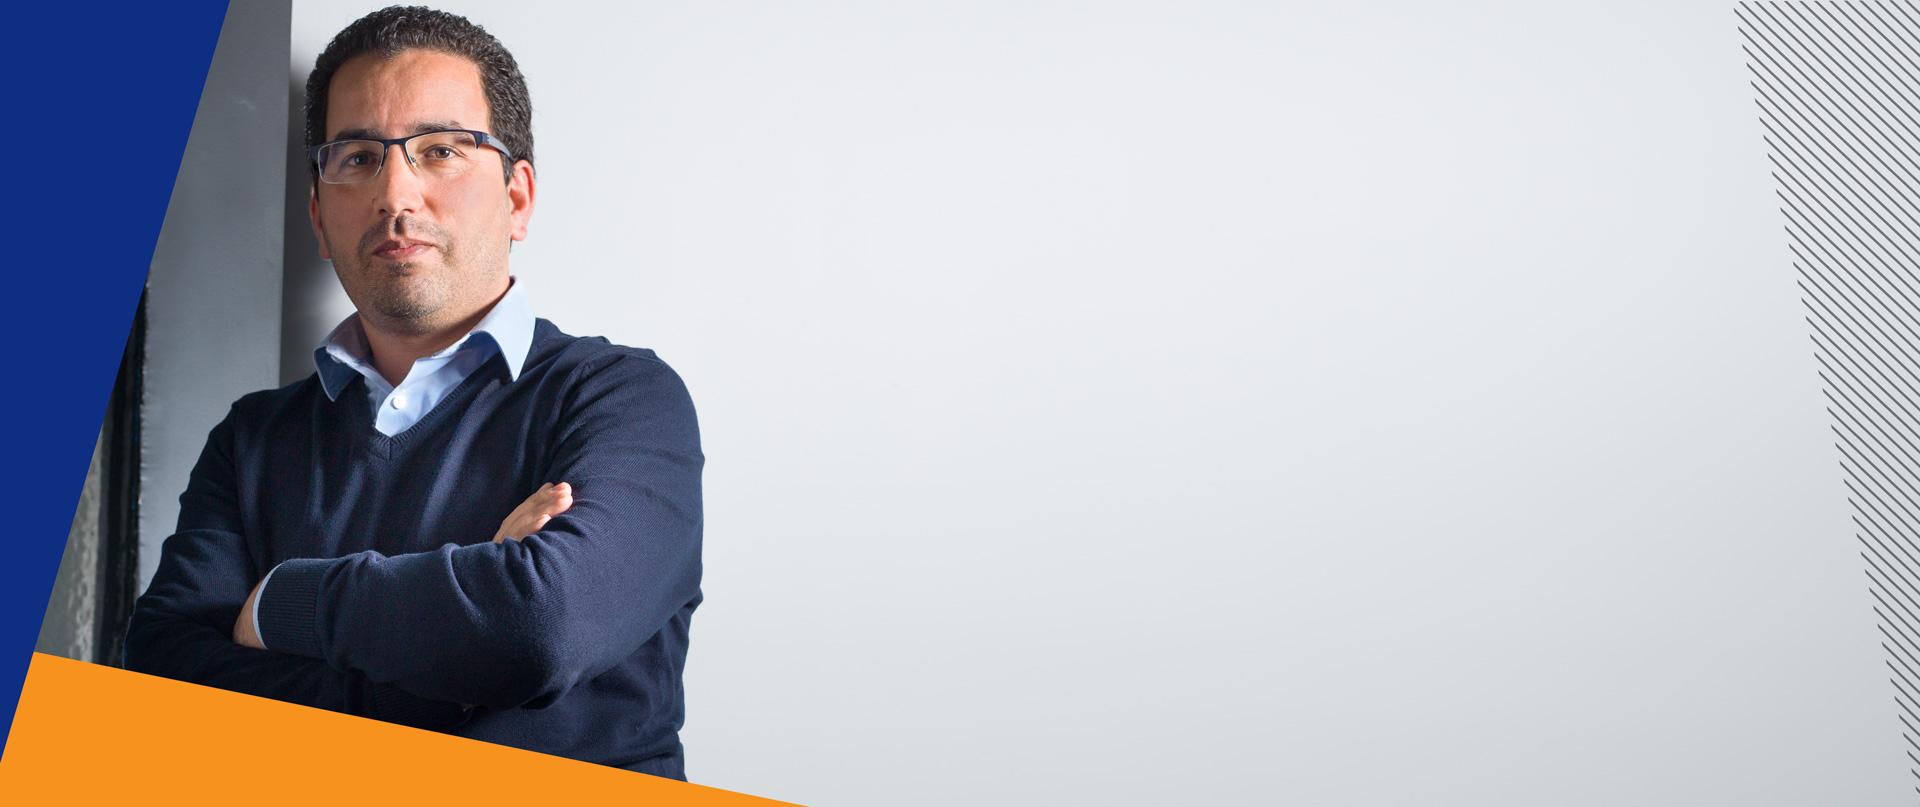 Nouredden OUTOUGGANNE Expert Comptable du cabinet Syncea